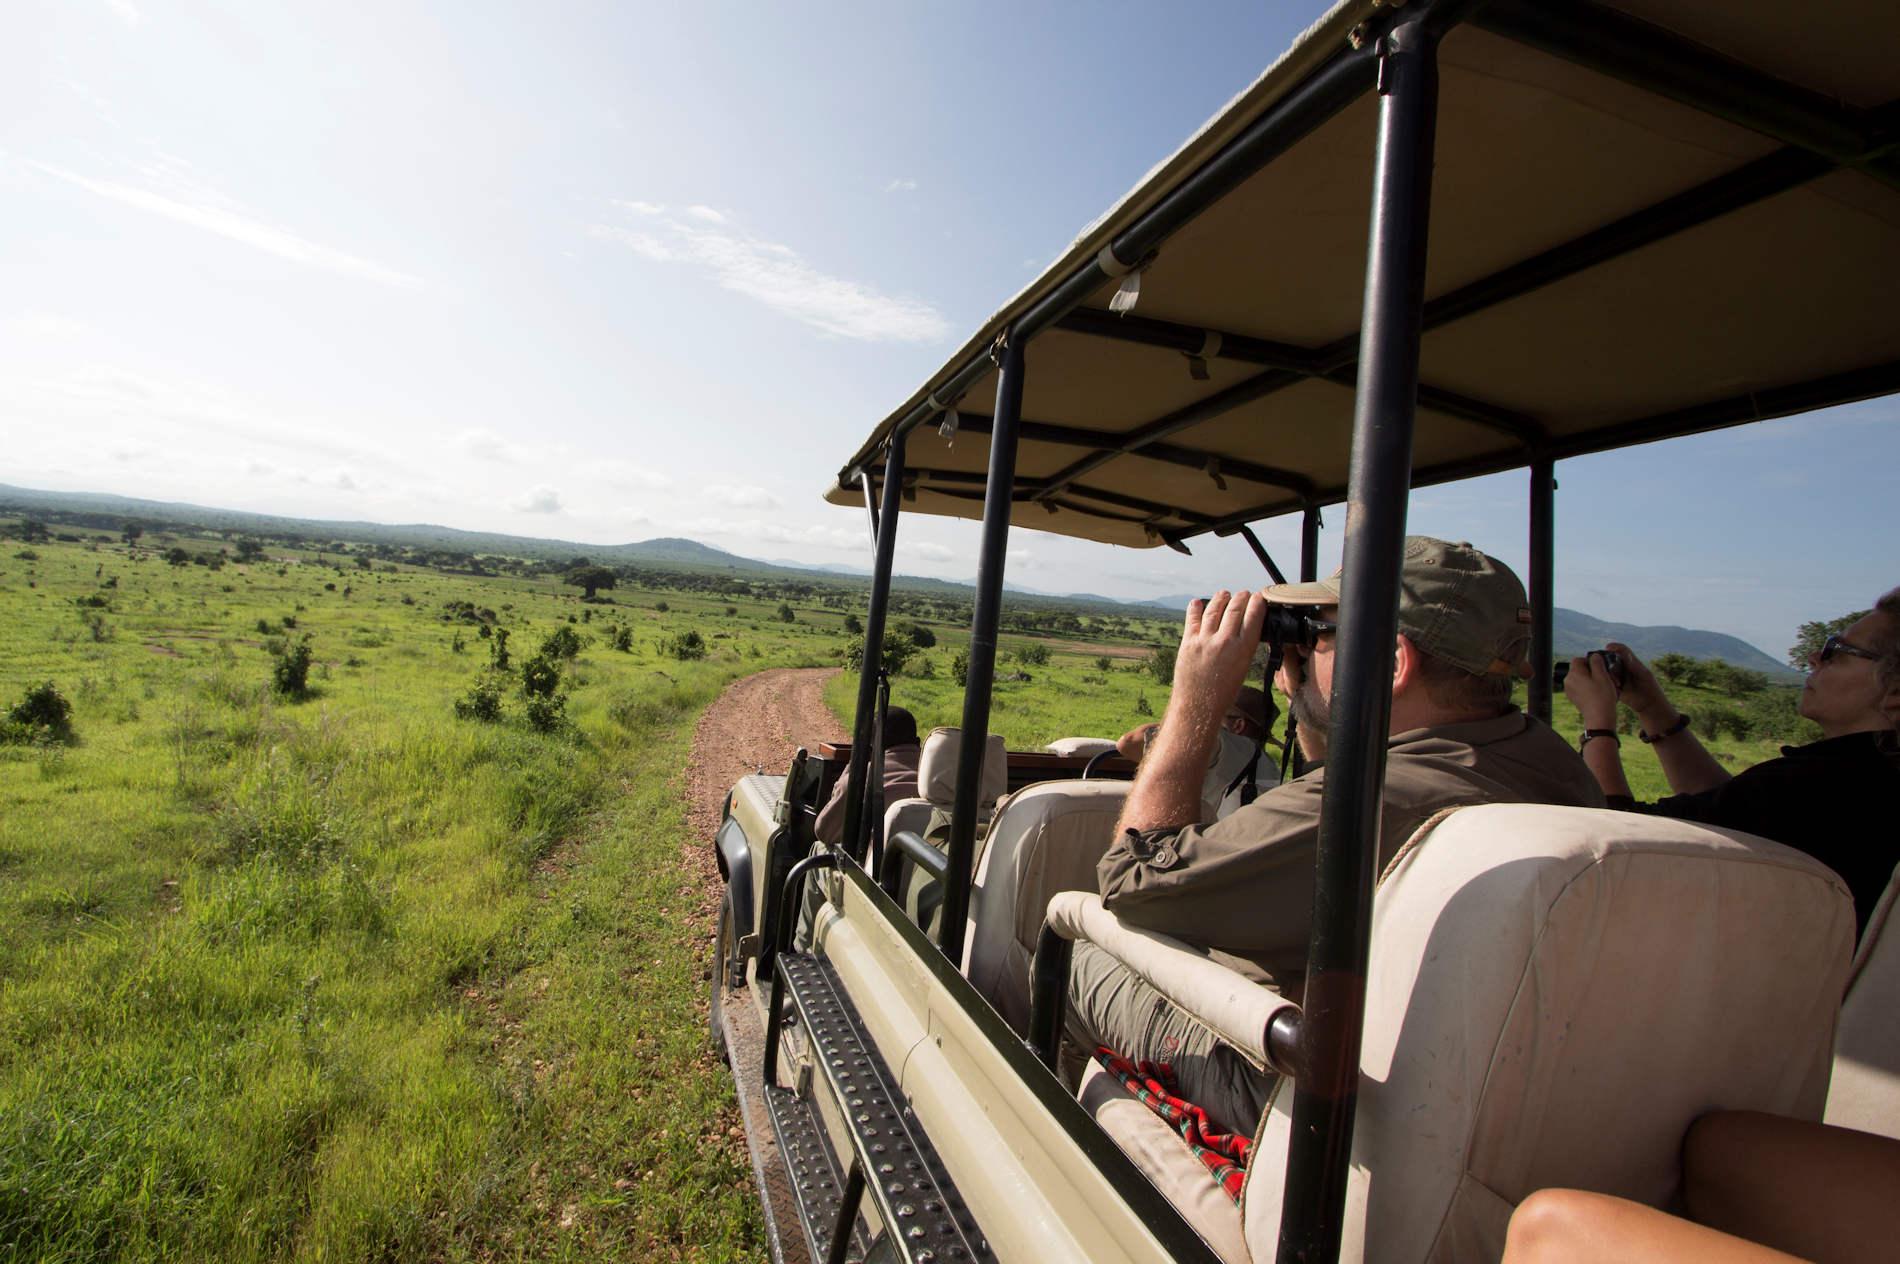 kwihala-camp ruaha tansania